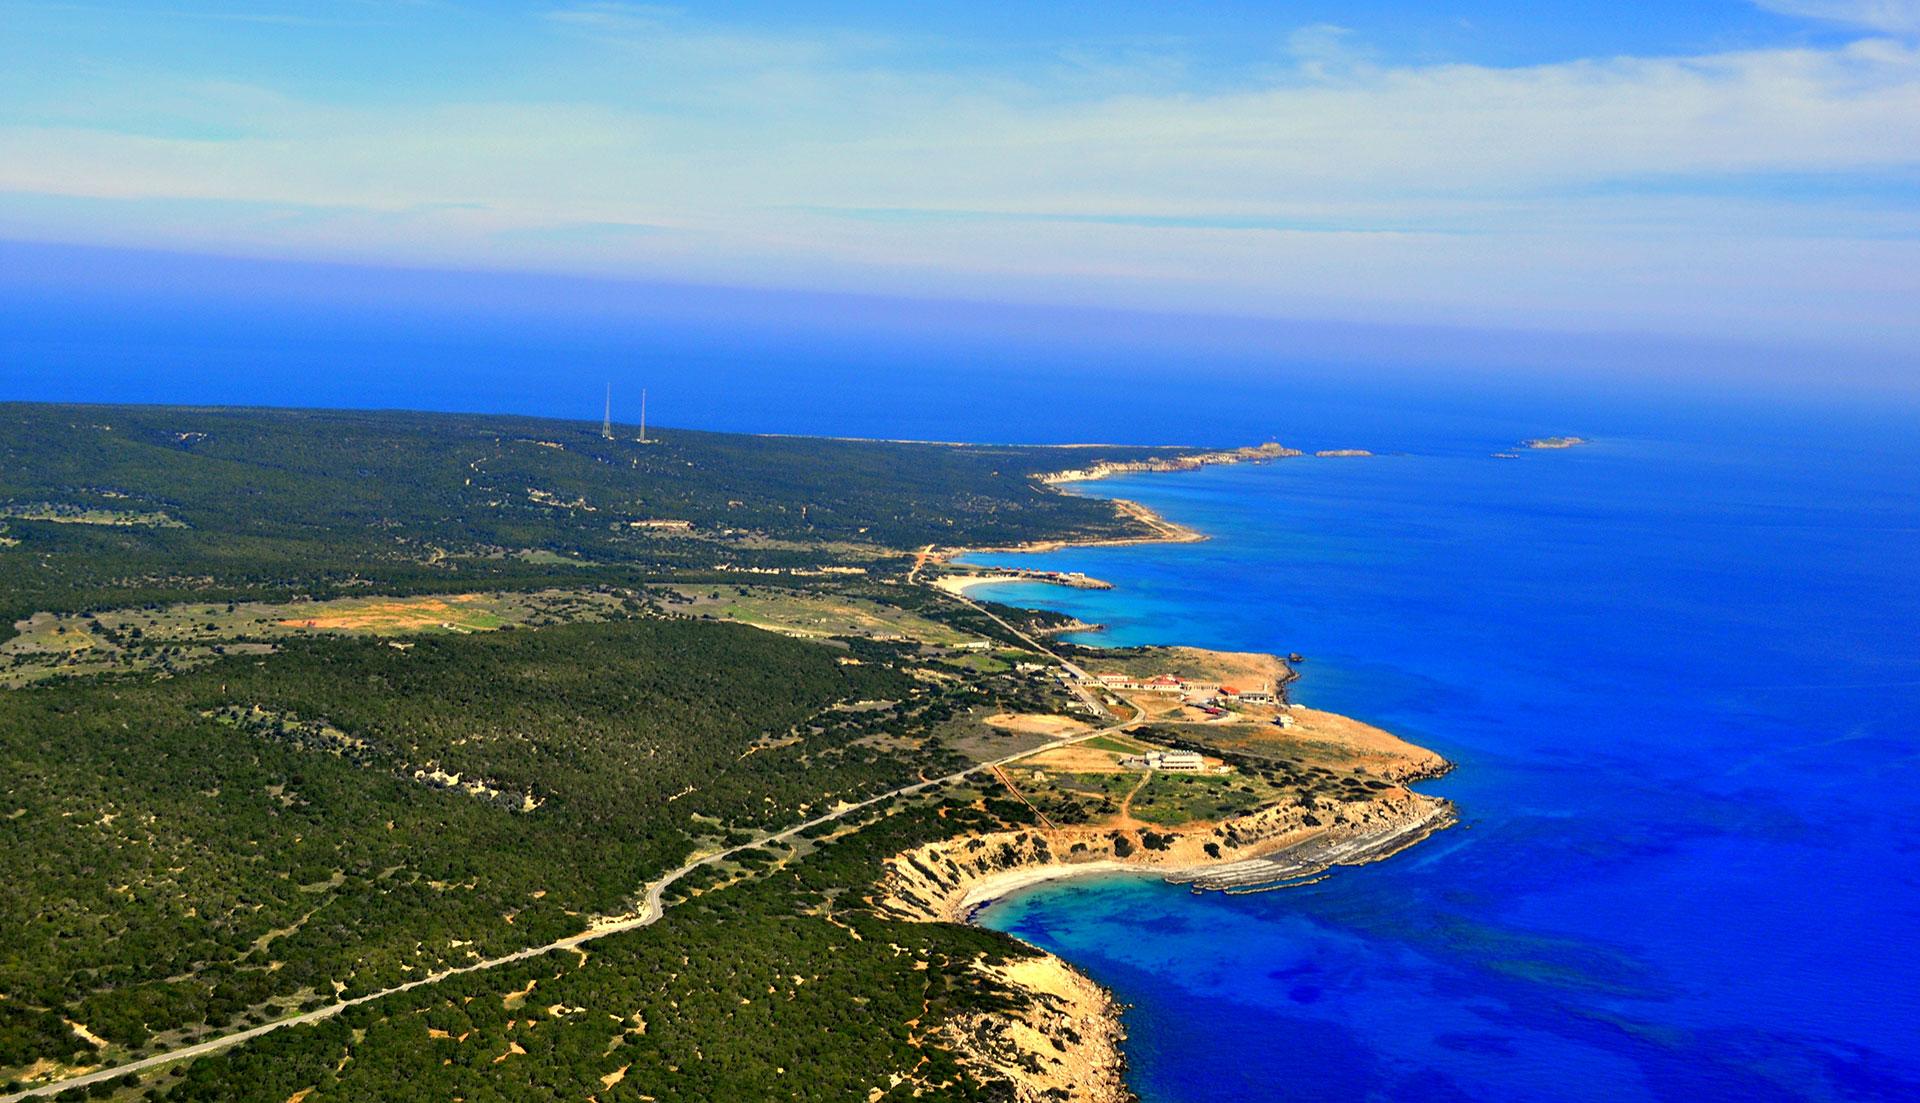 شبه جزیره کارپاس